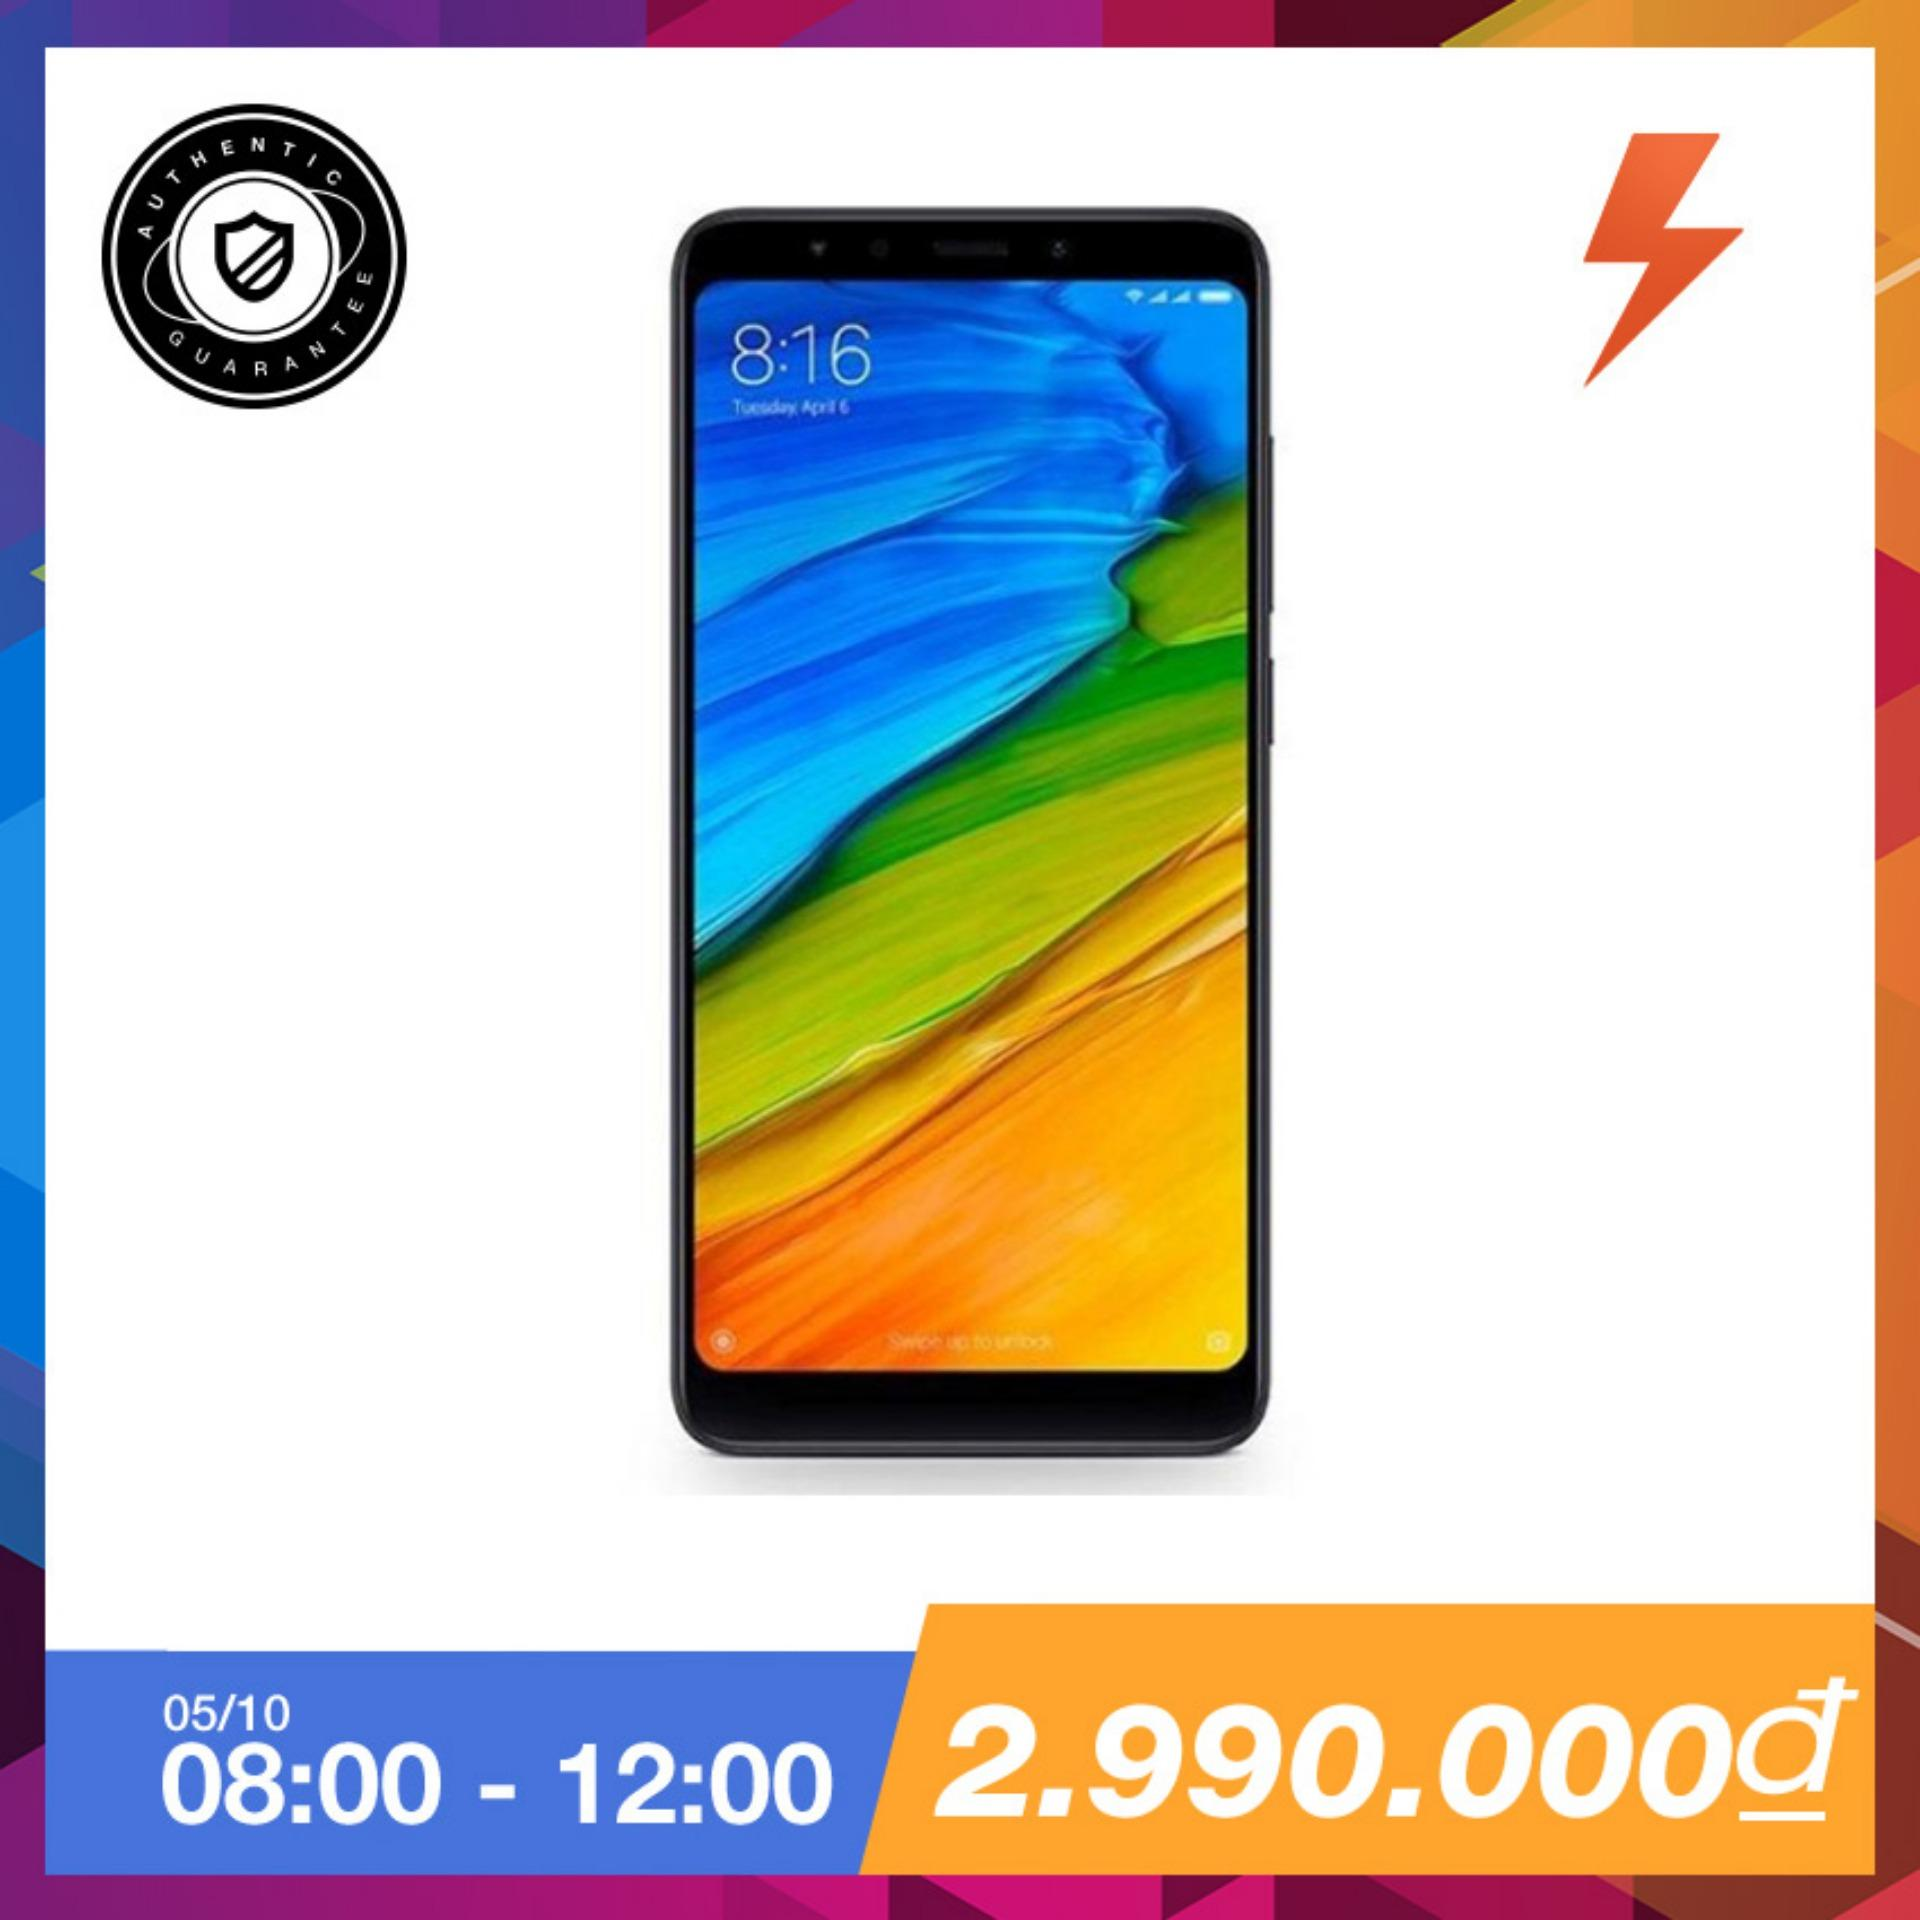 Mua Xiaomi Redmi 5 32Gb Ram 3Gb Đen Hang Phan Phối Chinh Thức Trực Tuyến Hồ Chí Minh